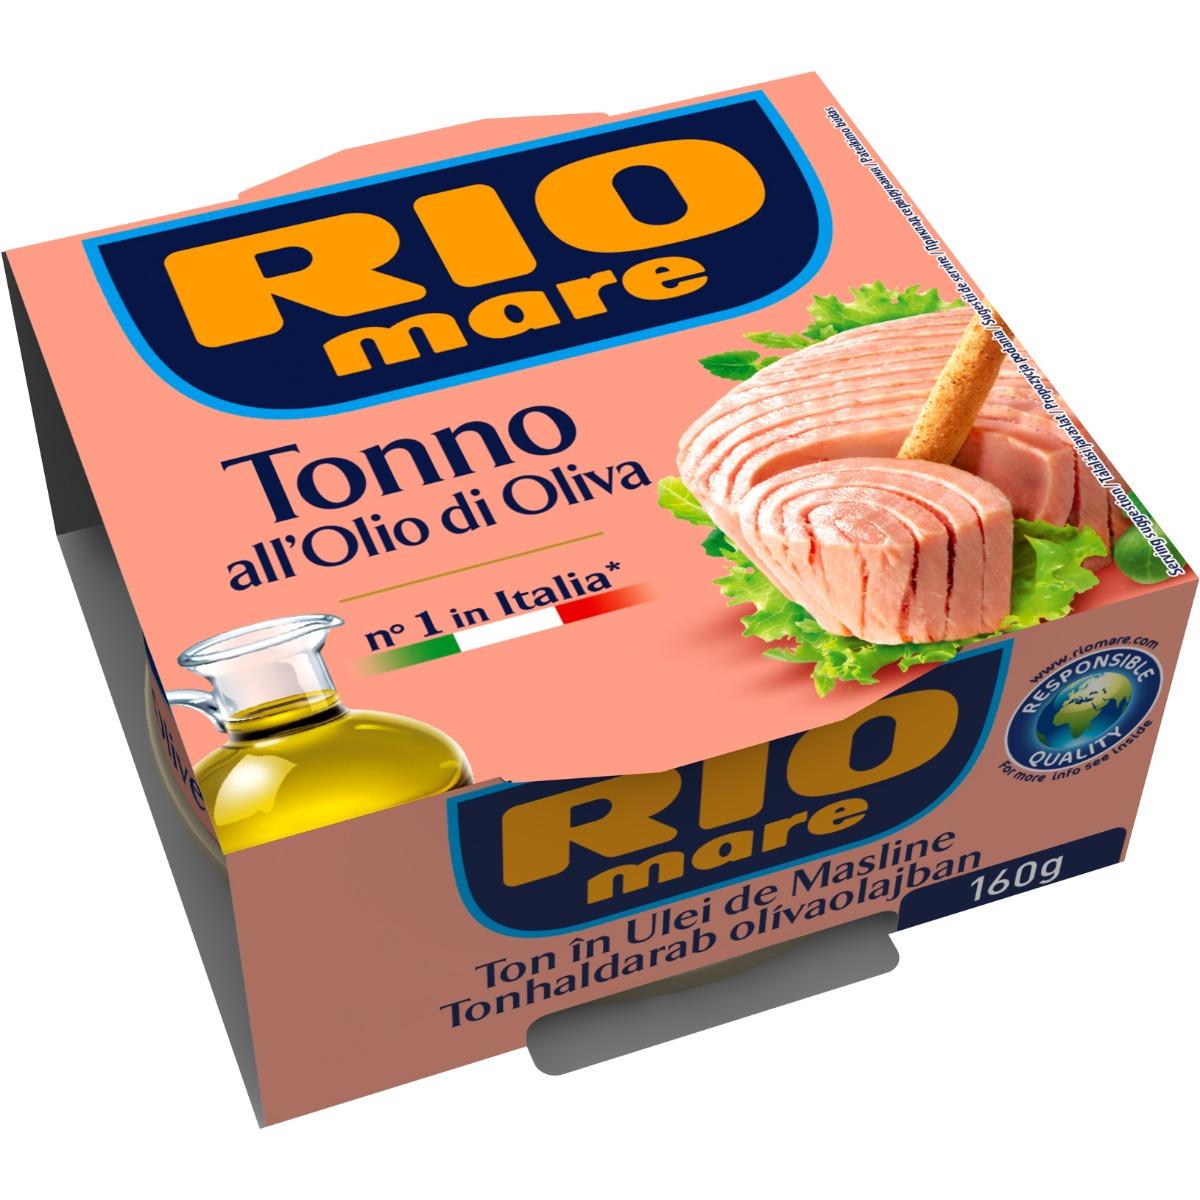 Ton in ulei de masline Rio Mare, 160 g imagine